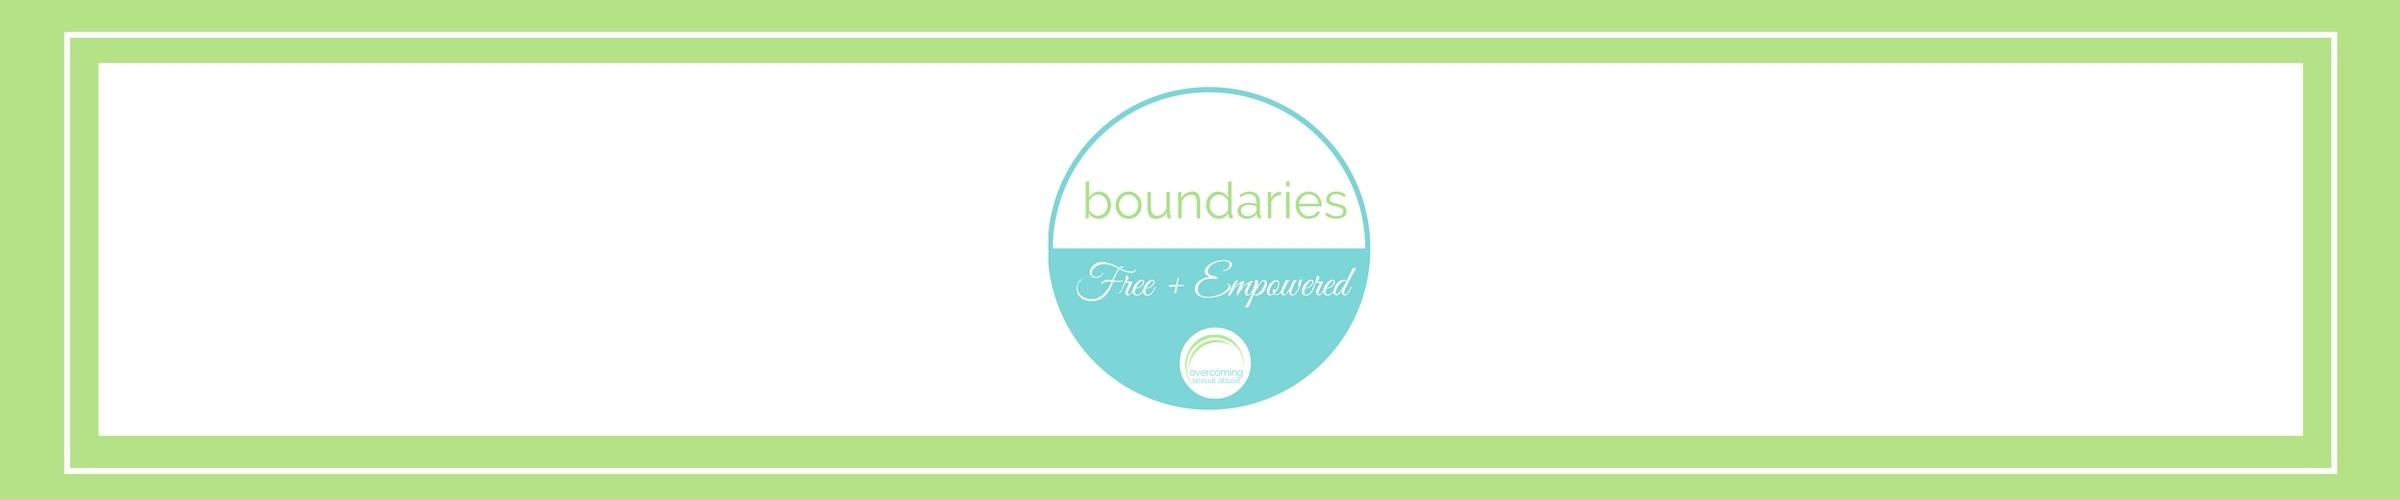 Cover boundaries course header 4